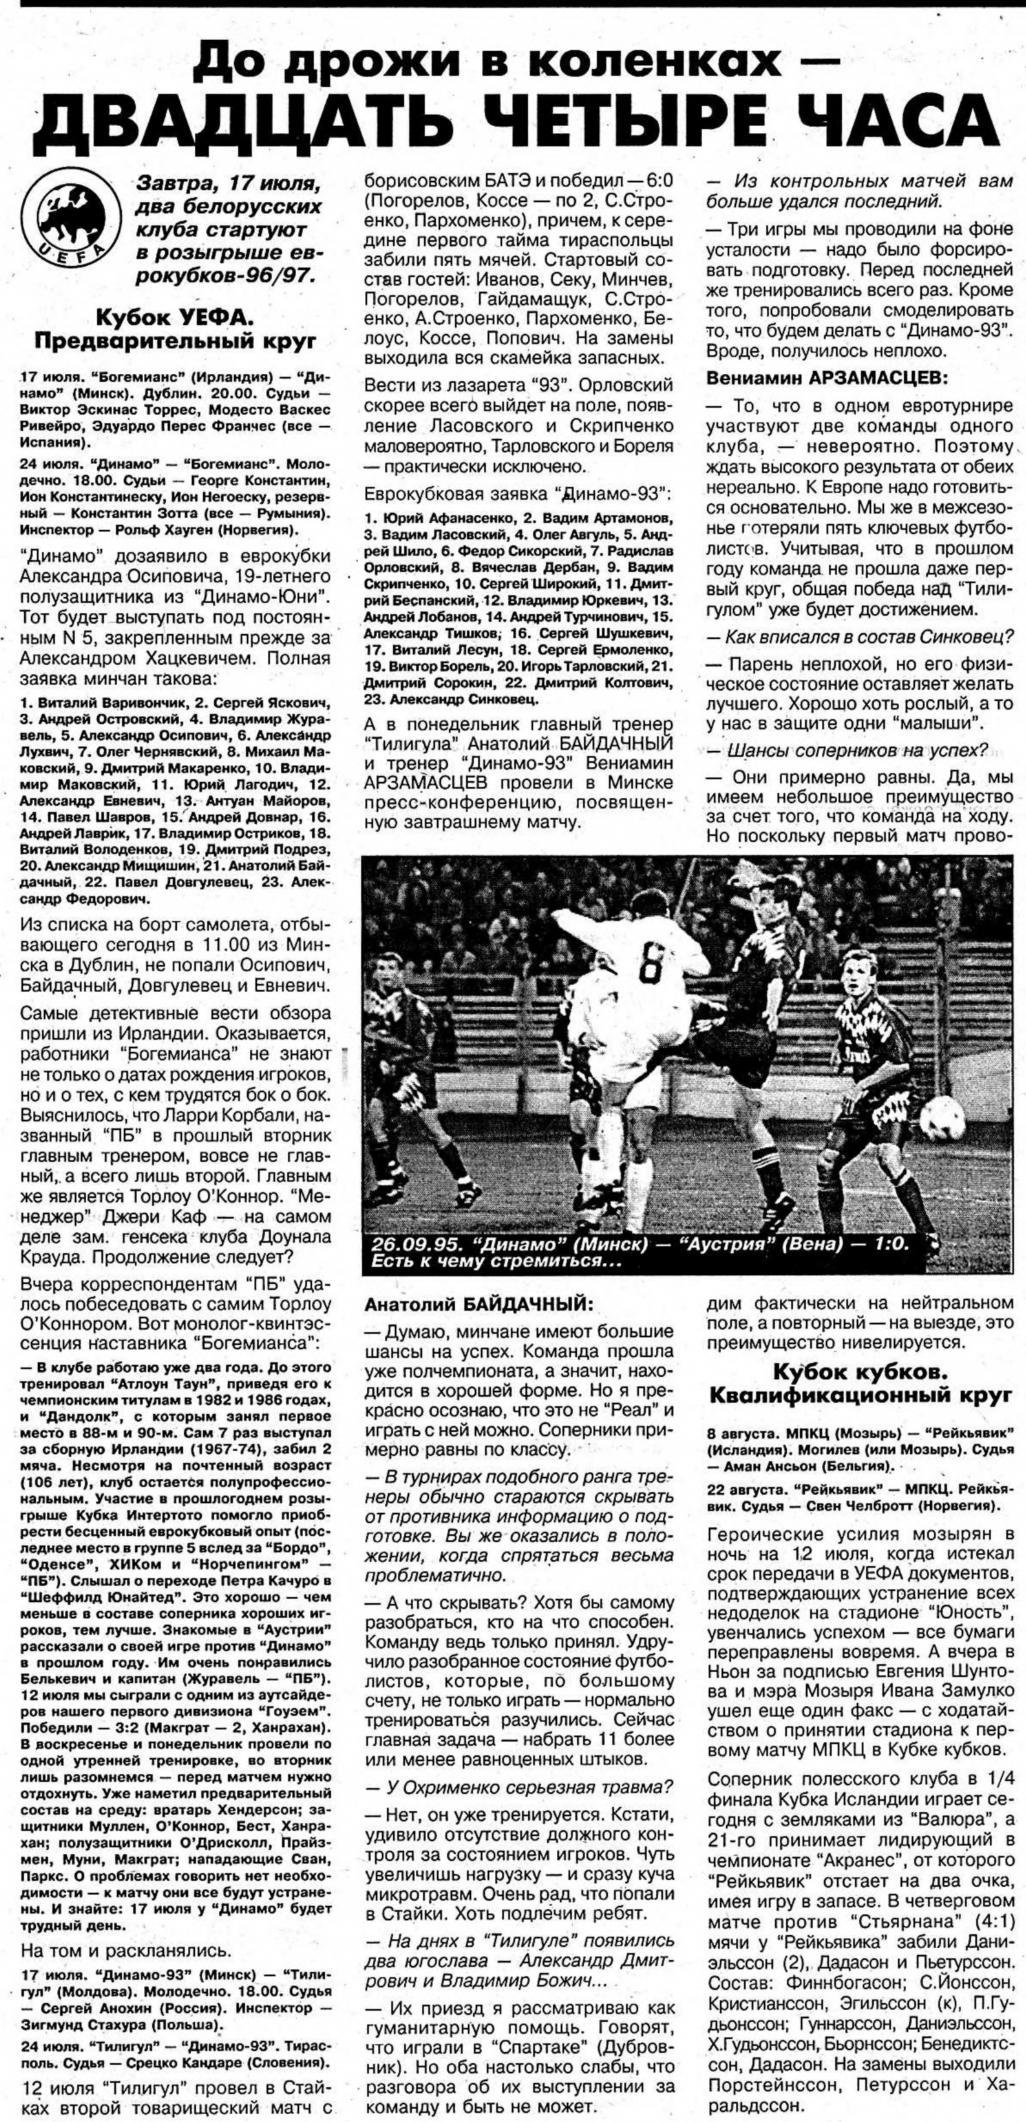 Динамо-93 (Белоруссия) - Тилигул (Молдавия) 3:1. Нажмите, чтобы посмотреть истинный размер рисунка